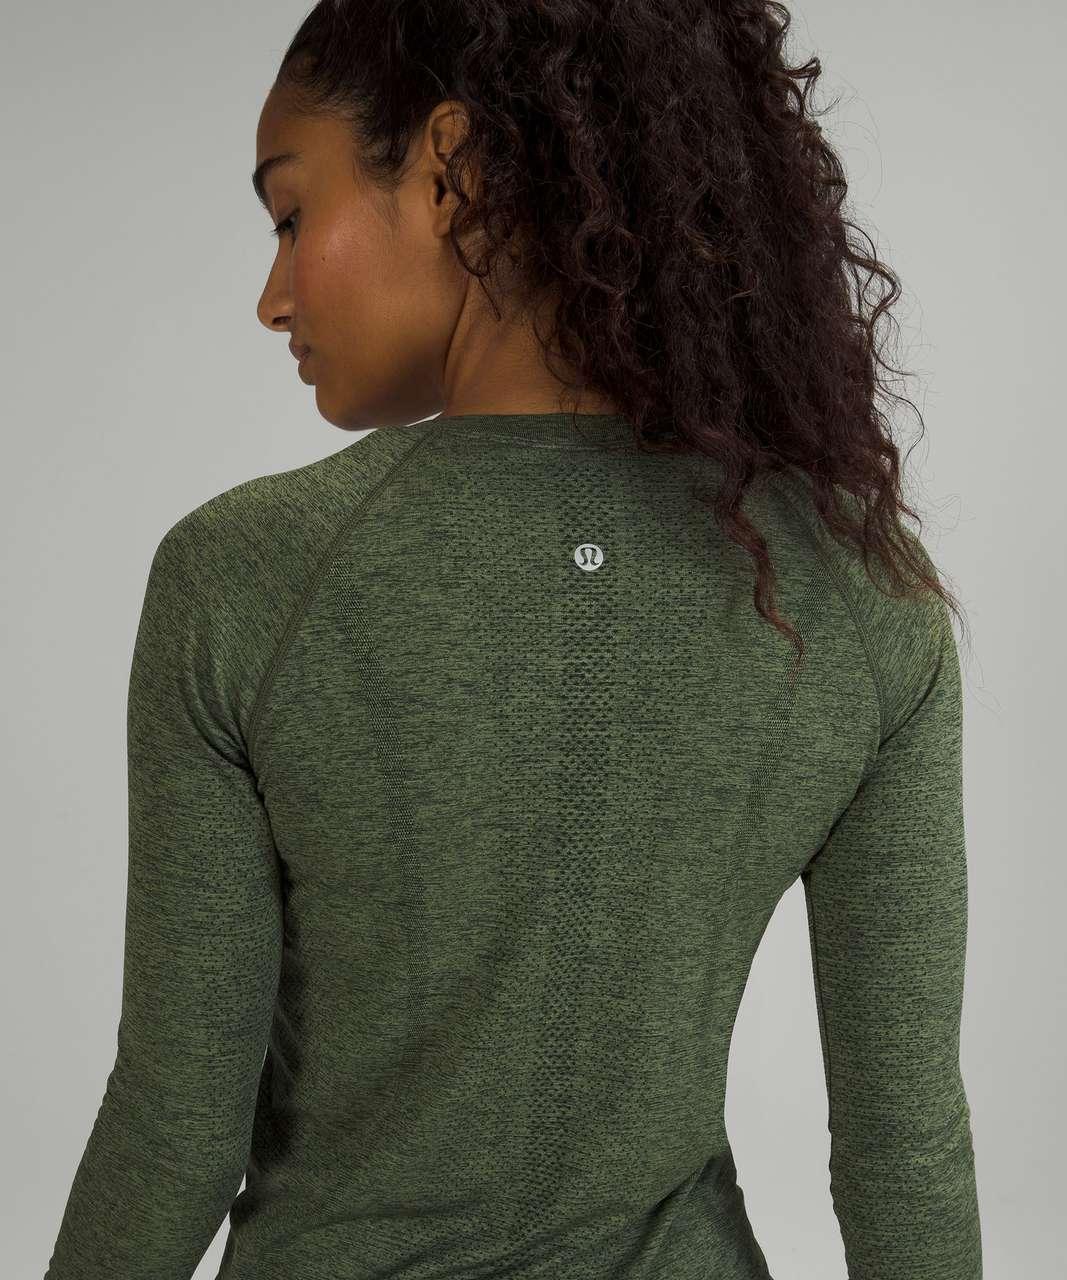 Lululemon Swiftly Tech Long Sleeve Shirt 2.0 - Rainforest Green / Green Twill